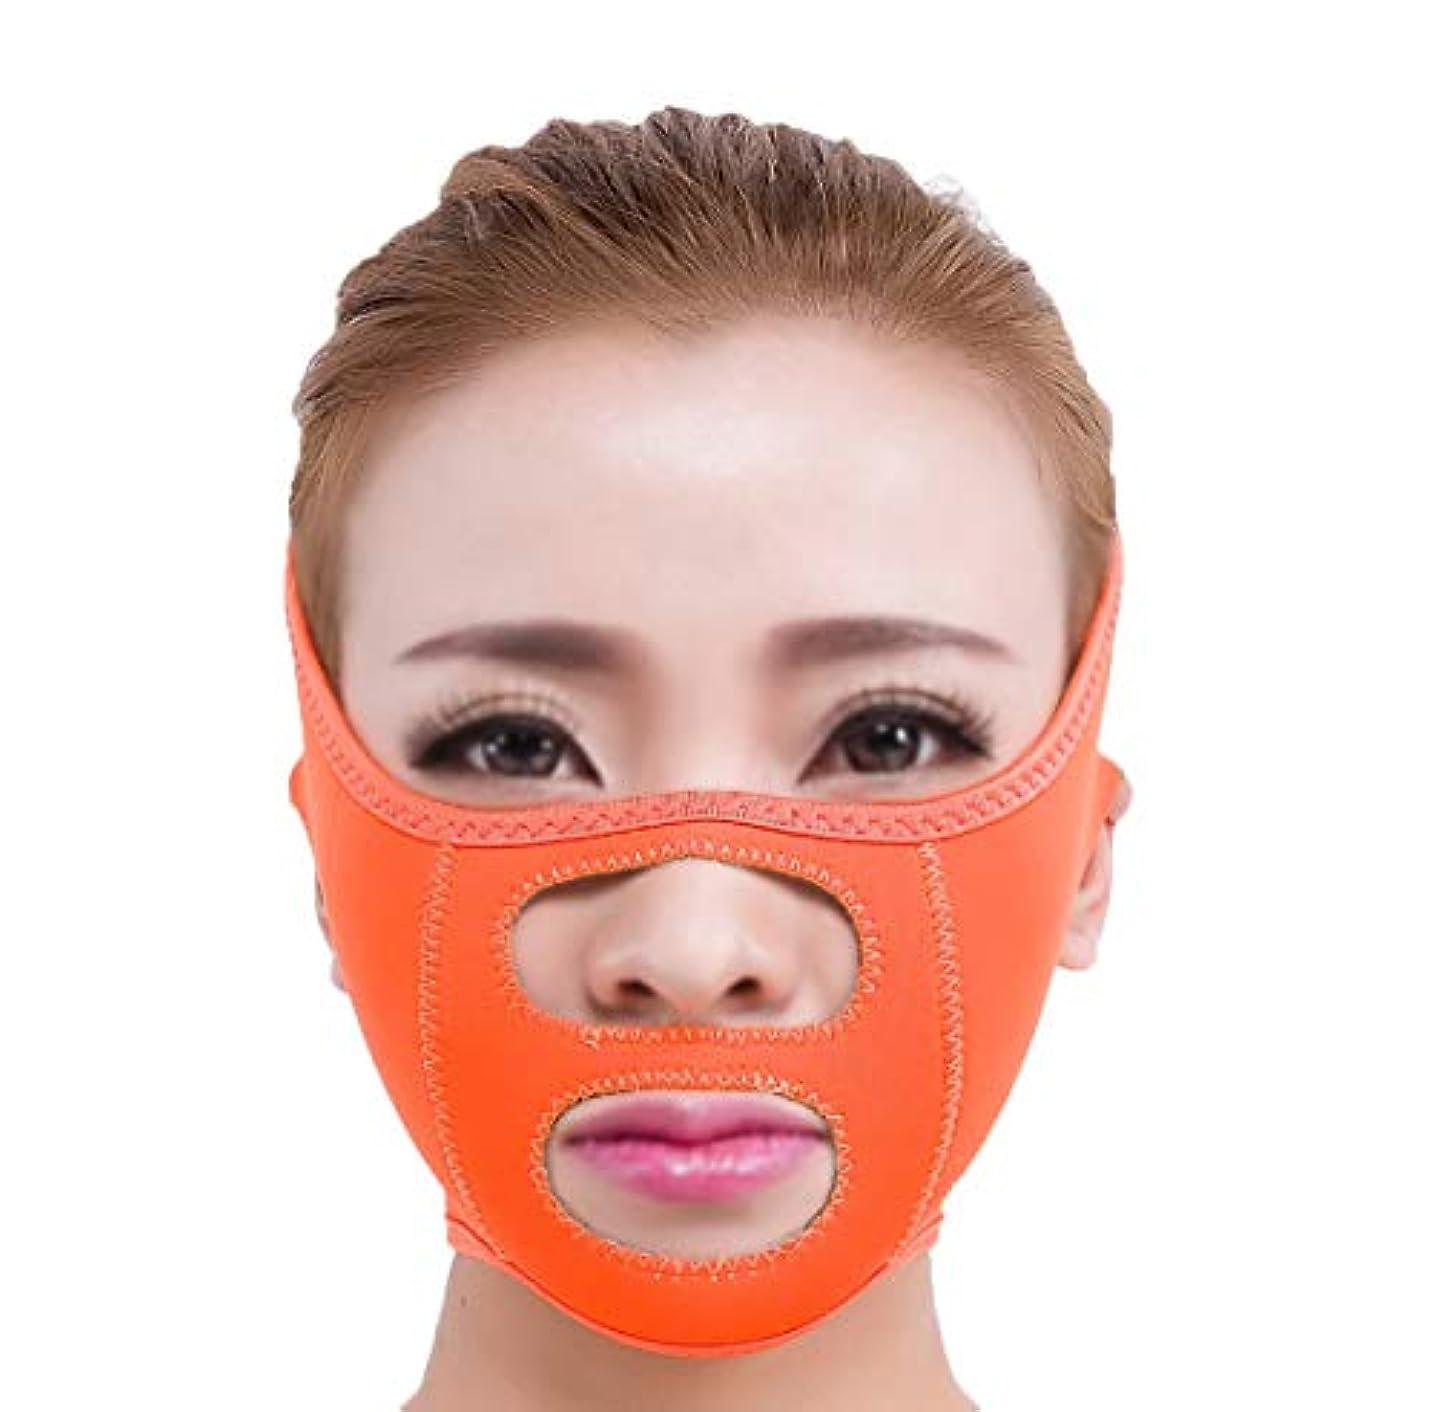 豪華な費やす効果的にGLJJQMY スリムベルトマスク薄い顔マスク睡眠薄い顔マスク薄い顔包帯薄い顔アーティファクト薄い顔薄い顔薄い顔小さいV顔睡眠薄い顔ベルト 顔用整形マスク (Color : Blue)